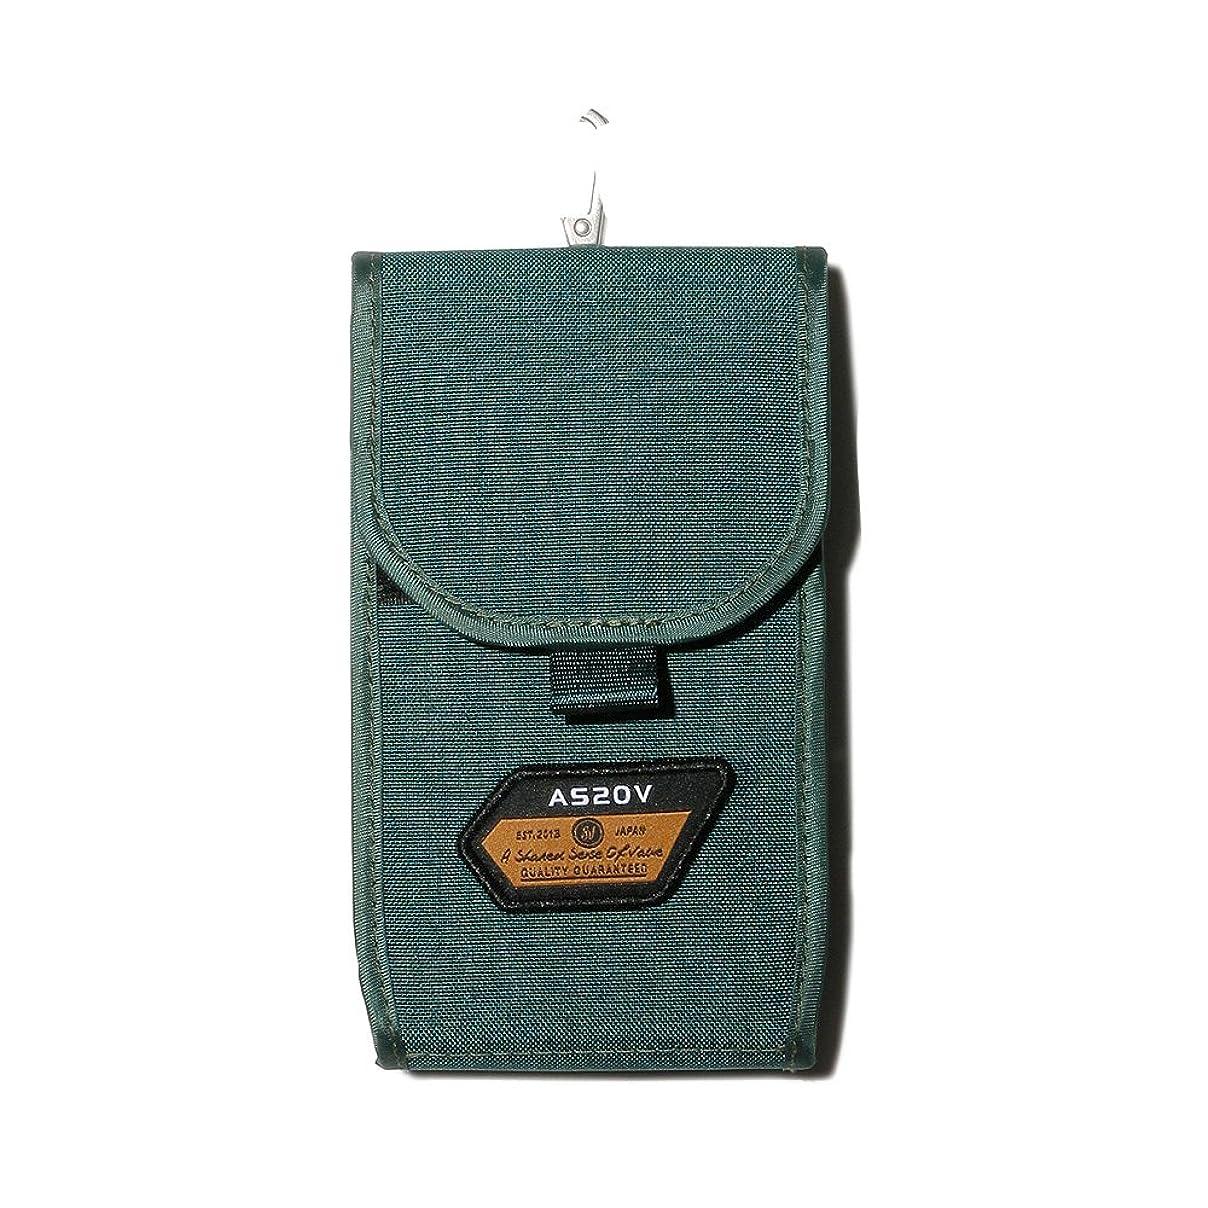 ジーンズテロリストリムAS2OV (アッソブ) CORDURA SPAN 600D MOBILE CASE 携帯ケース